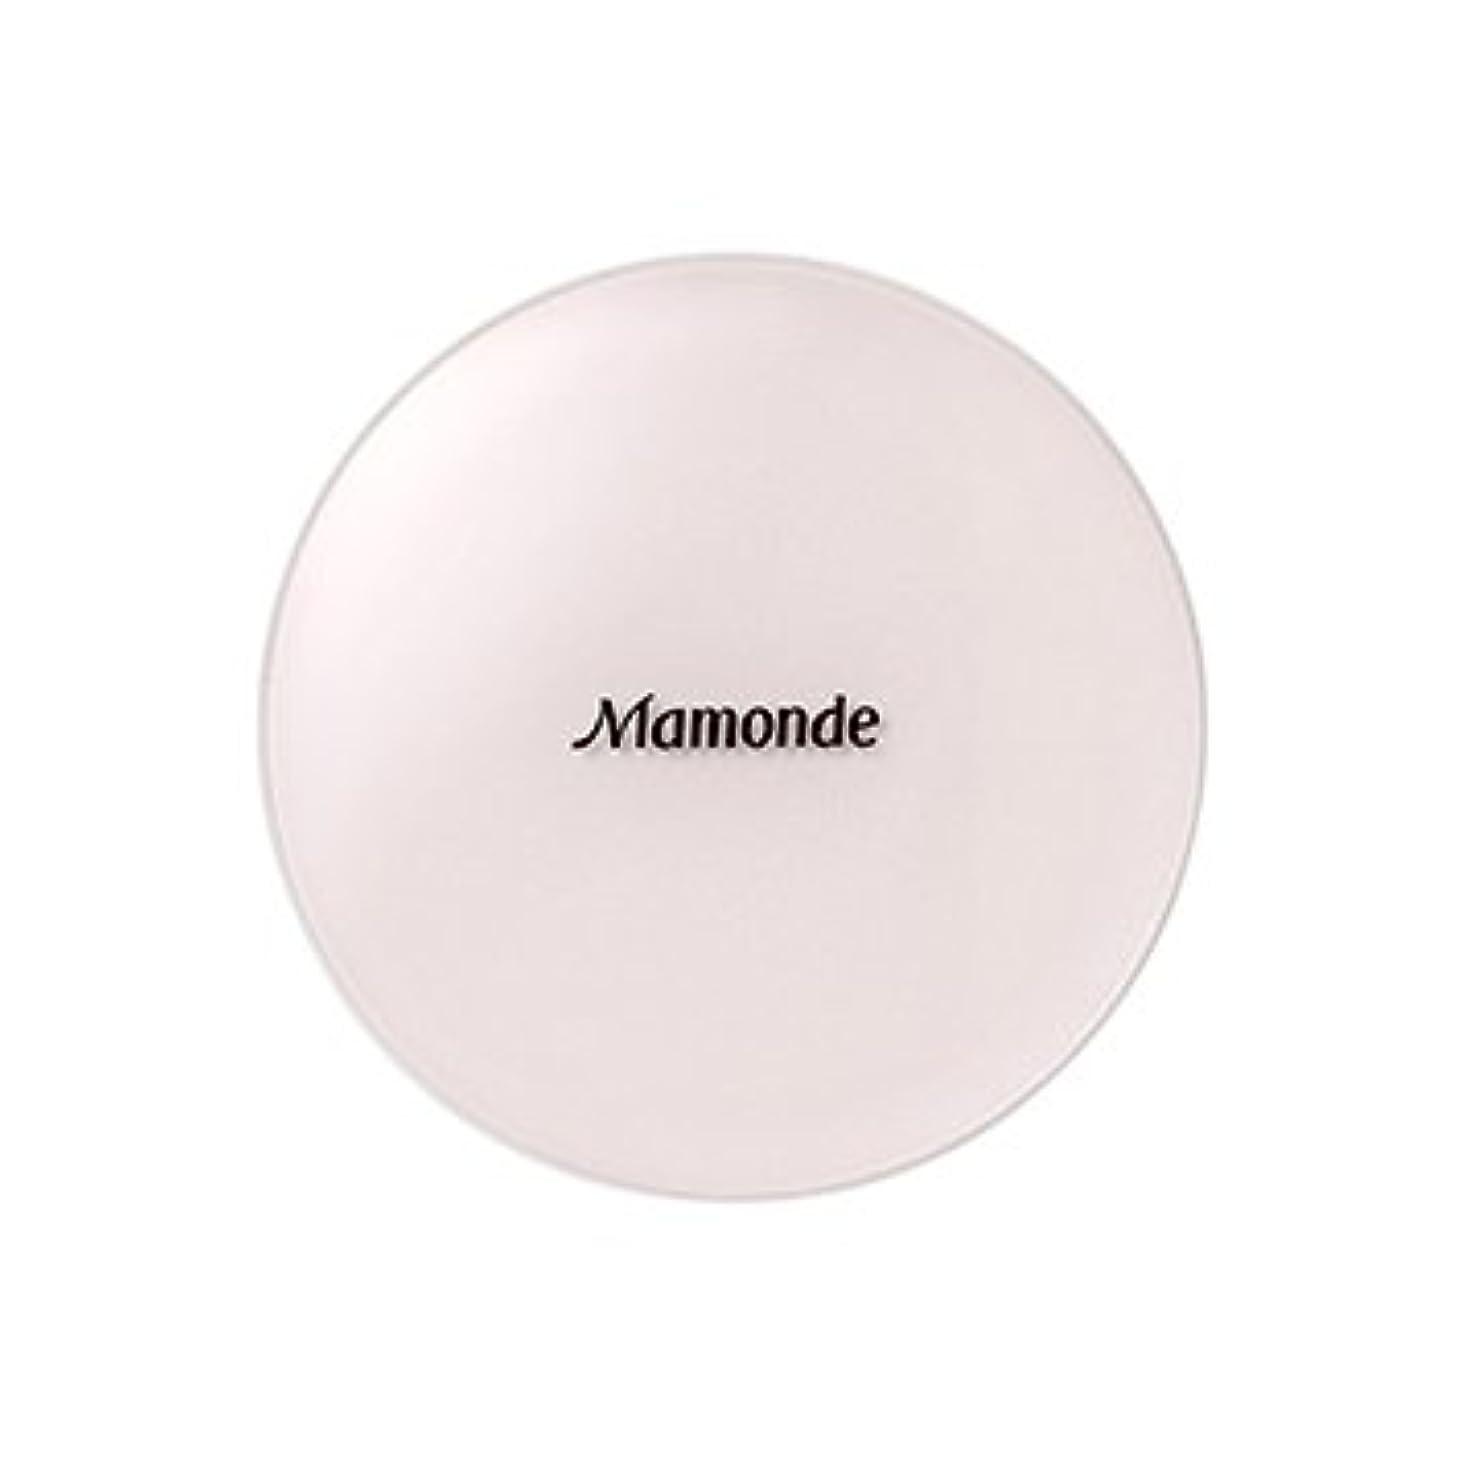 モバイル食物些細な[New] Mamonde Brightening Cover Ampoule Cushion 15g/マモンド ブライトニング カバー アンプル クッション 15g (#23N Natural Beige) [並行輸入品]